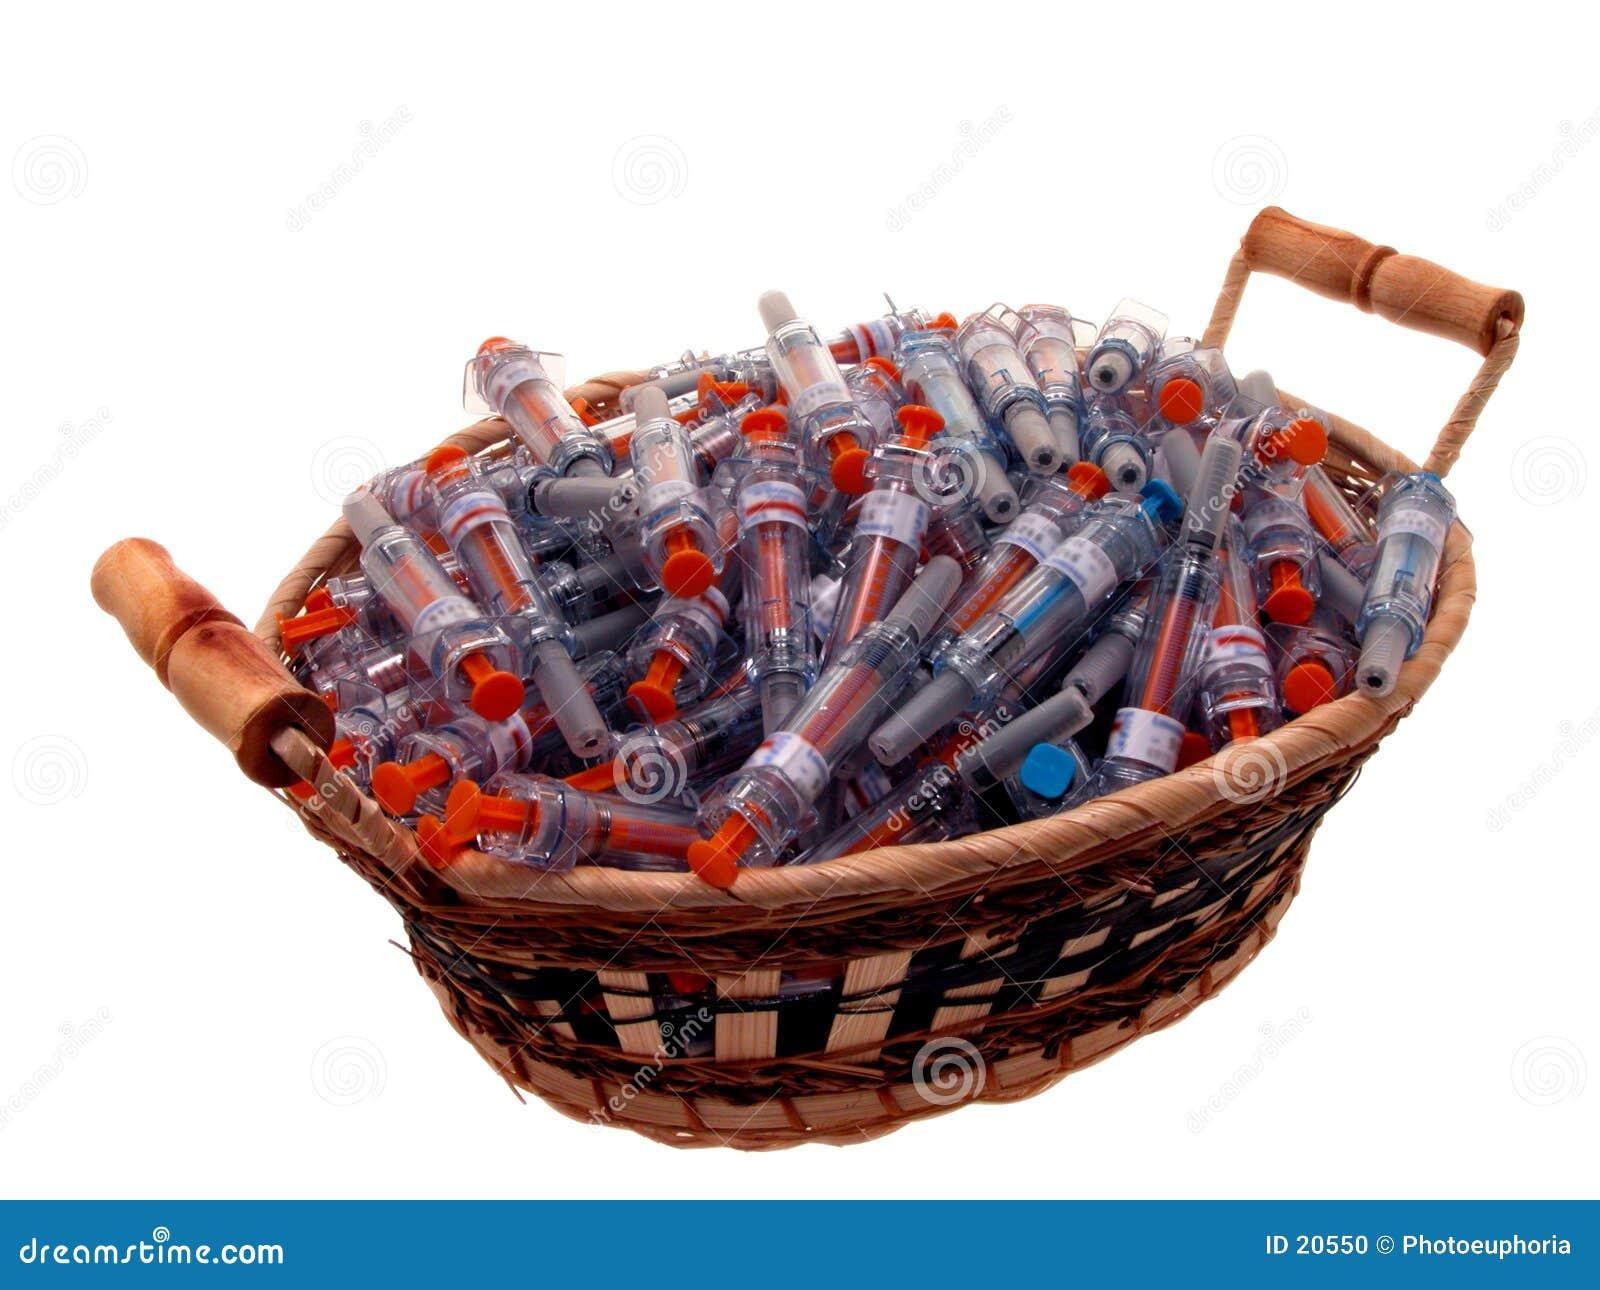 Médico: Cesta de seringas usadas